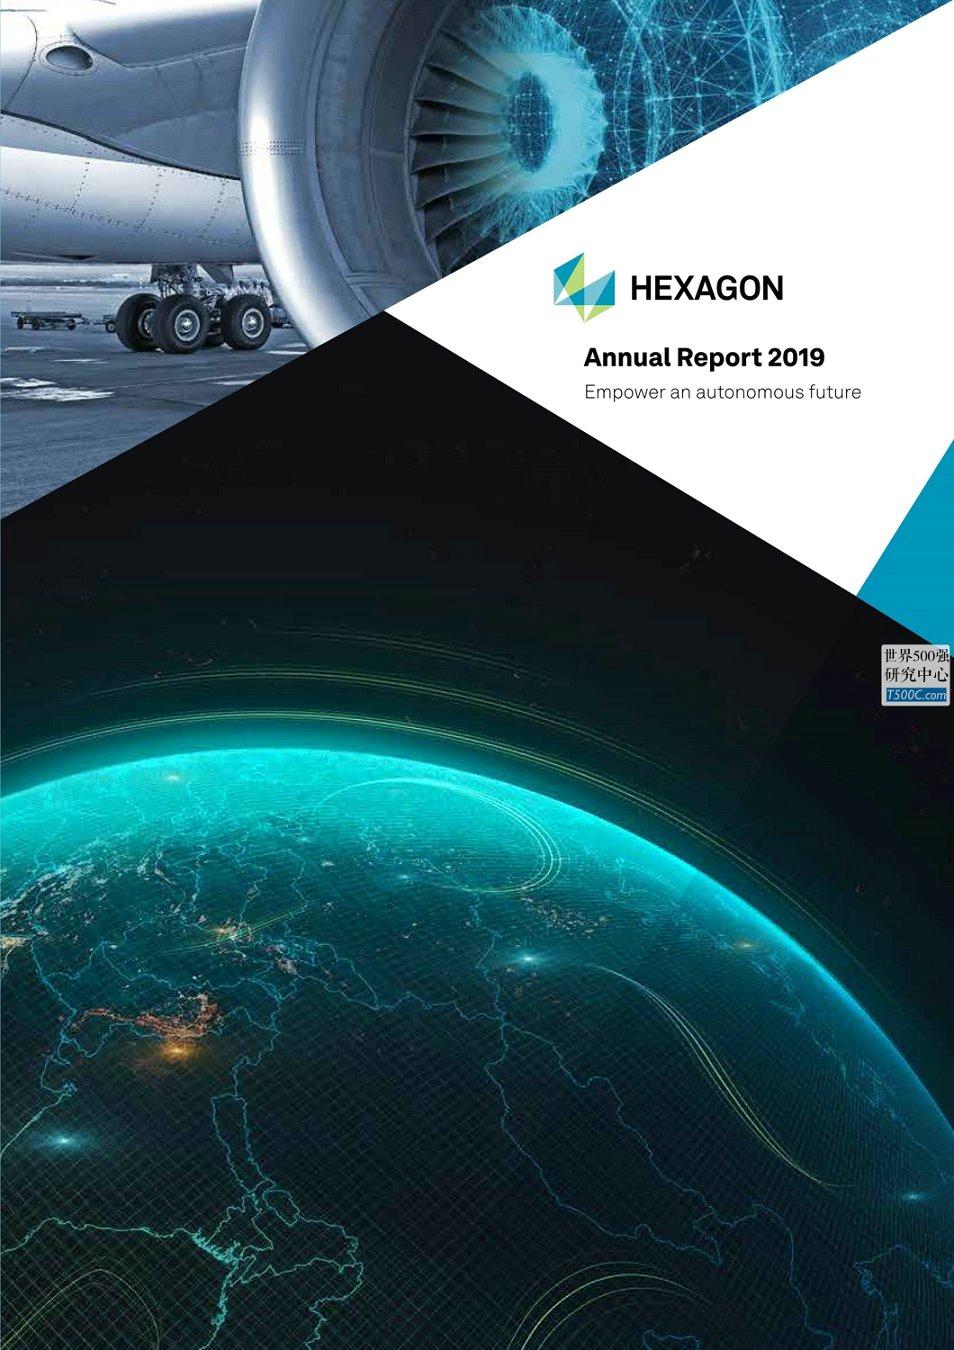 海克斯康Hexagon_年报AnnualReport_2019_T500C.com